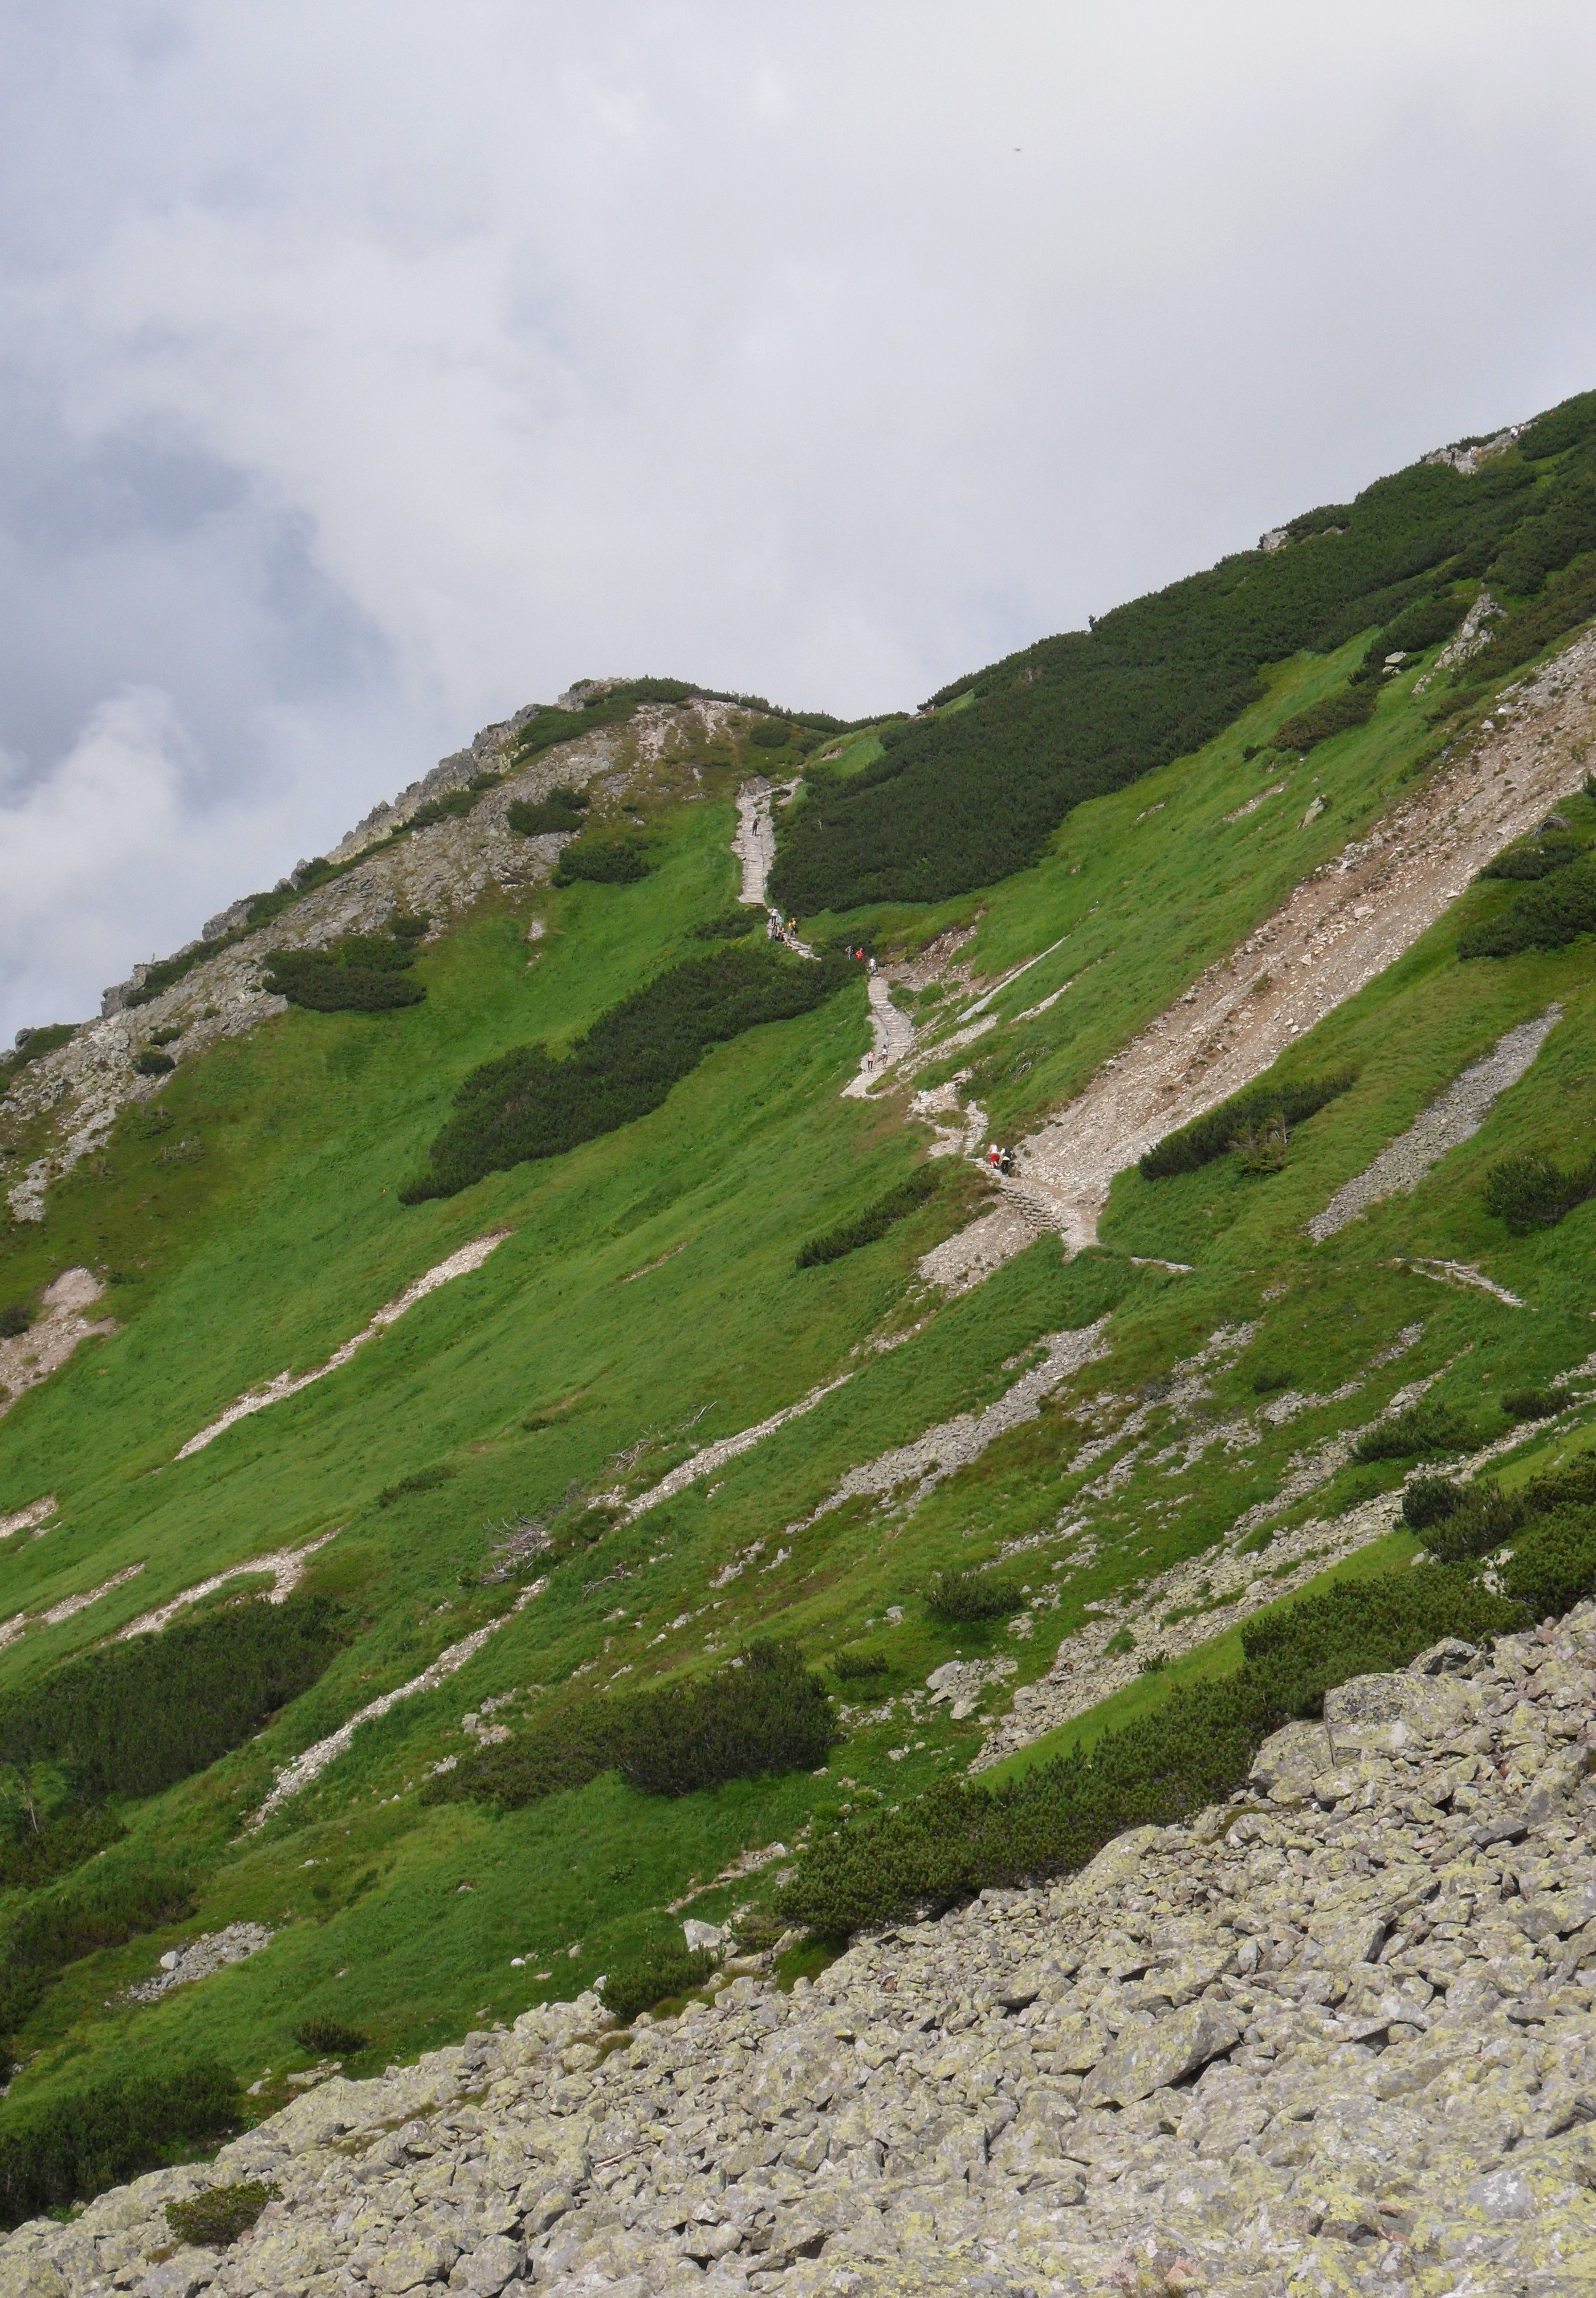 Szlak do Morskiego Oka przez Świstówkę Roztocką